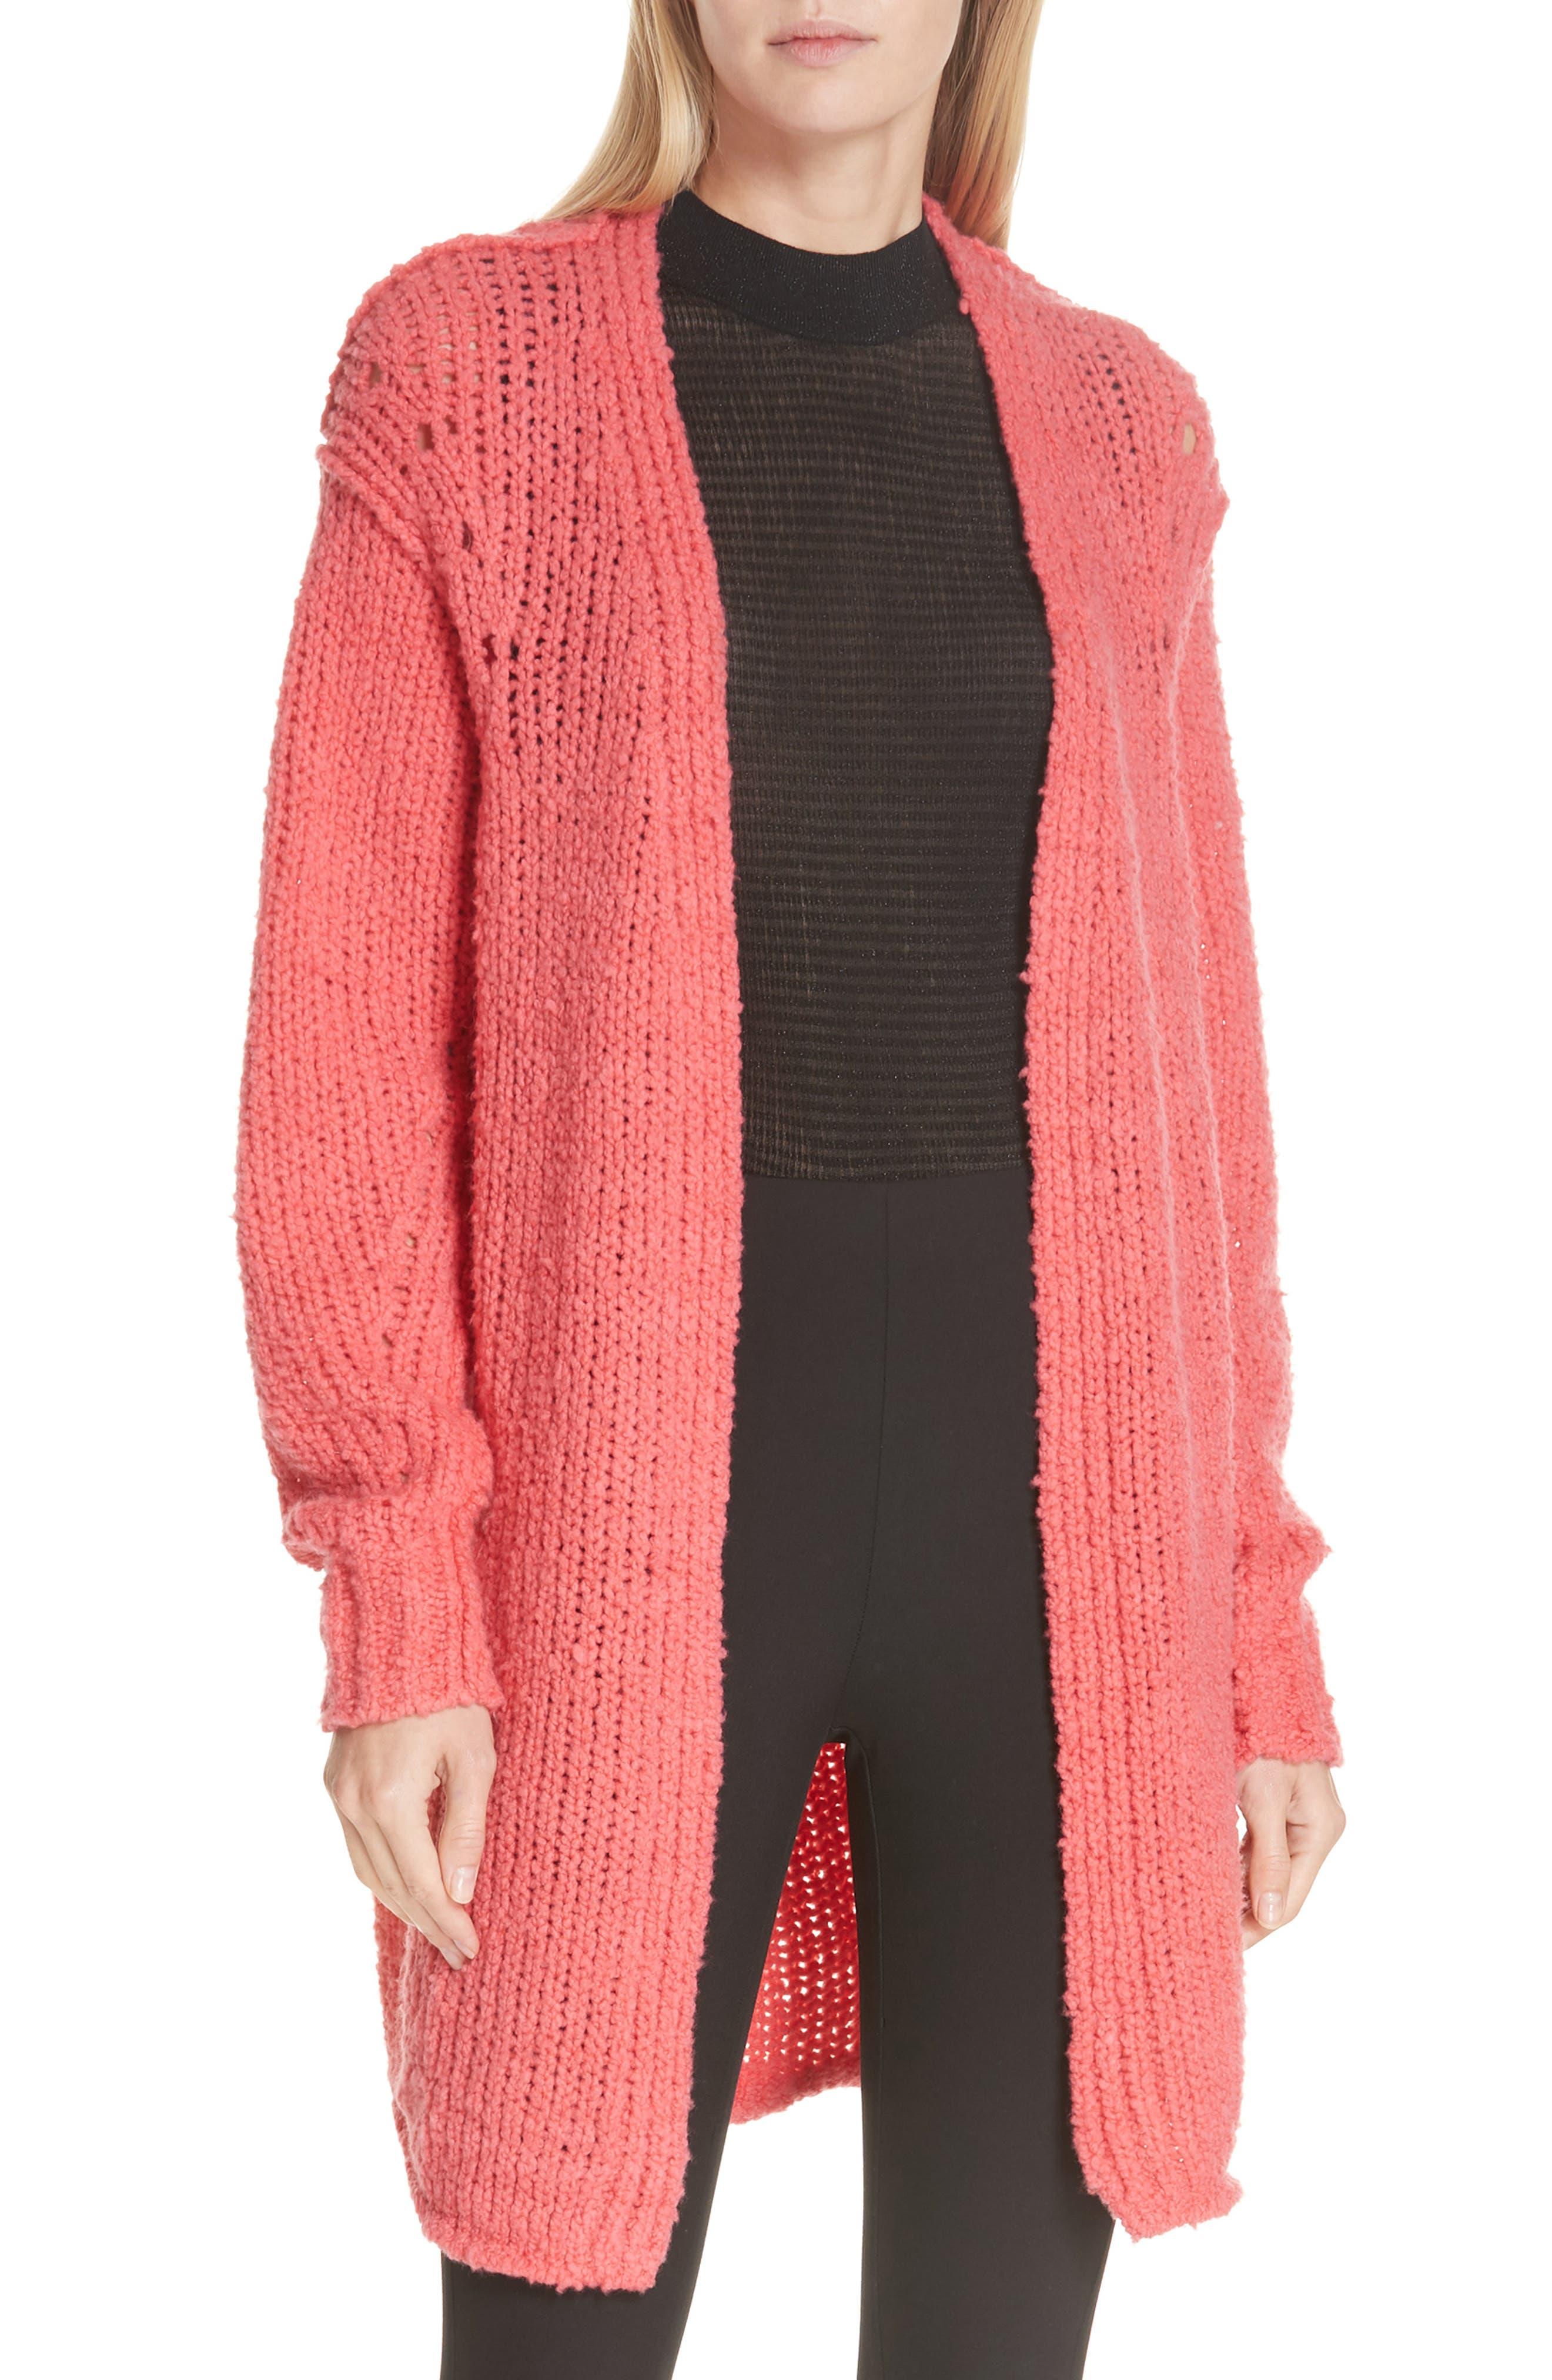 Rag & Bone Arizona Merino Wool Cardigan